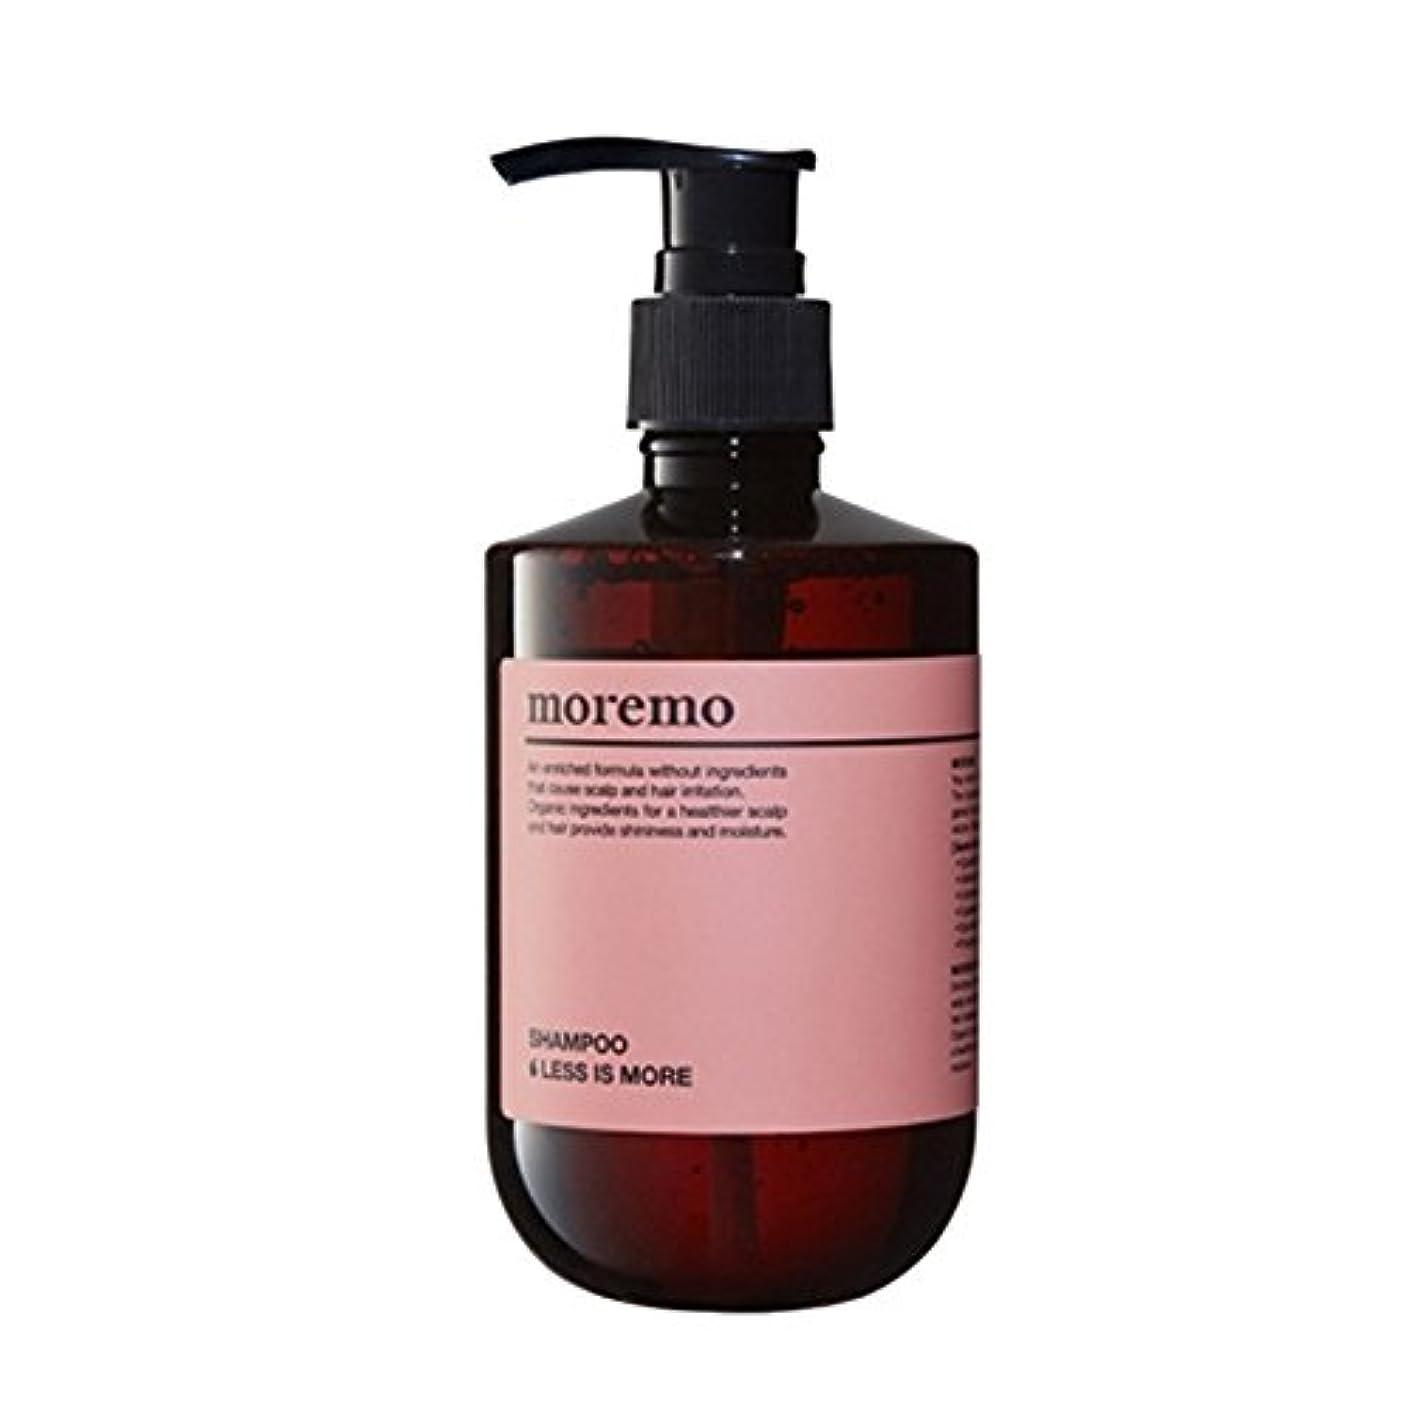 パシフィック光景アッパー【モレノ/ moremo]Hair SHAMPOO : LESS IS MORE (ソンサンモ、行く毛髪タイプ)/明後日某 シャンプー レススモア 300ml(海外直送品)